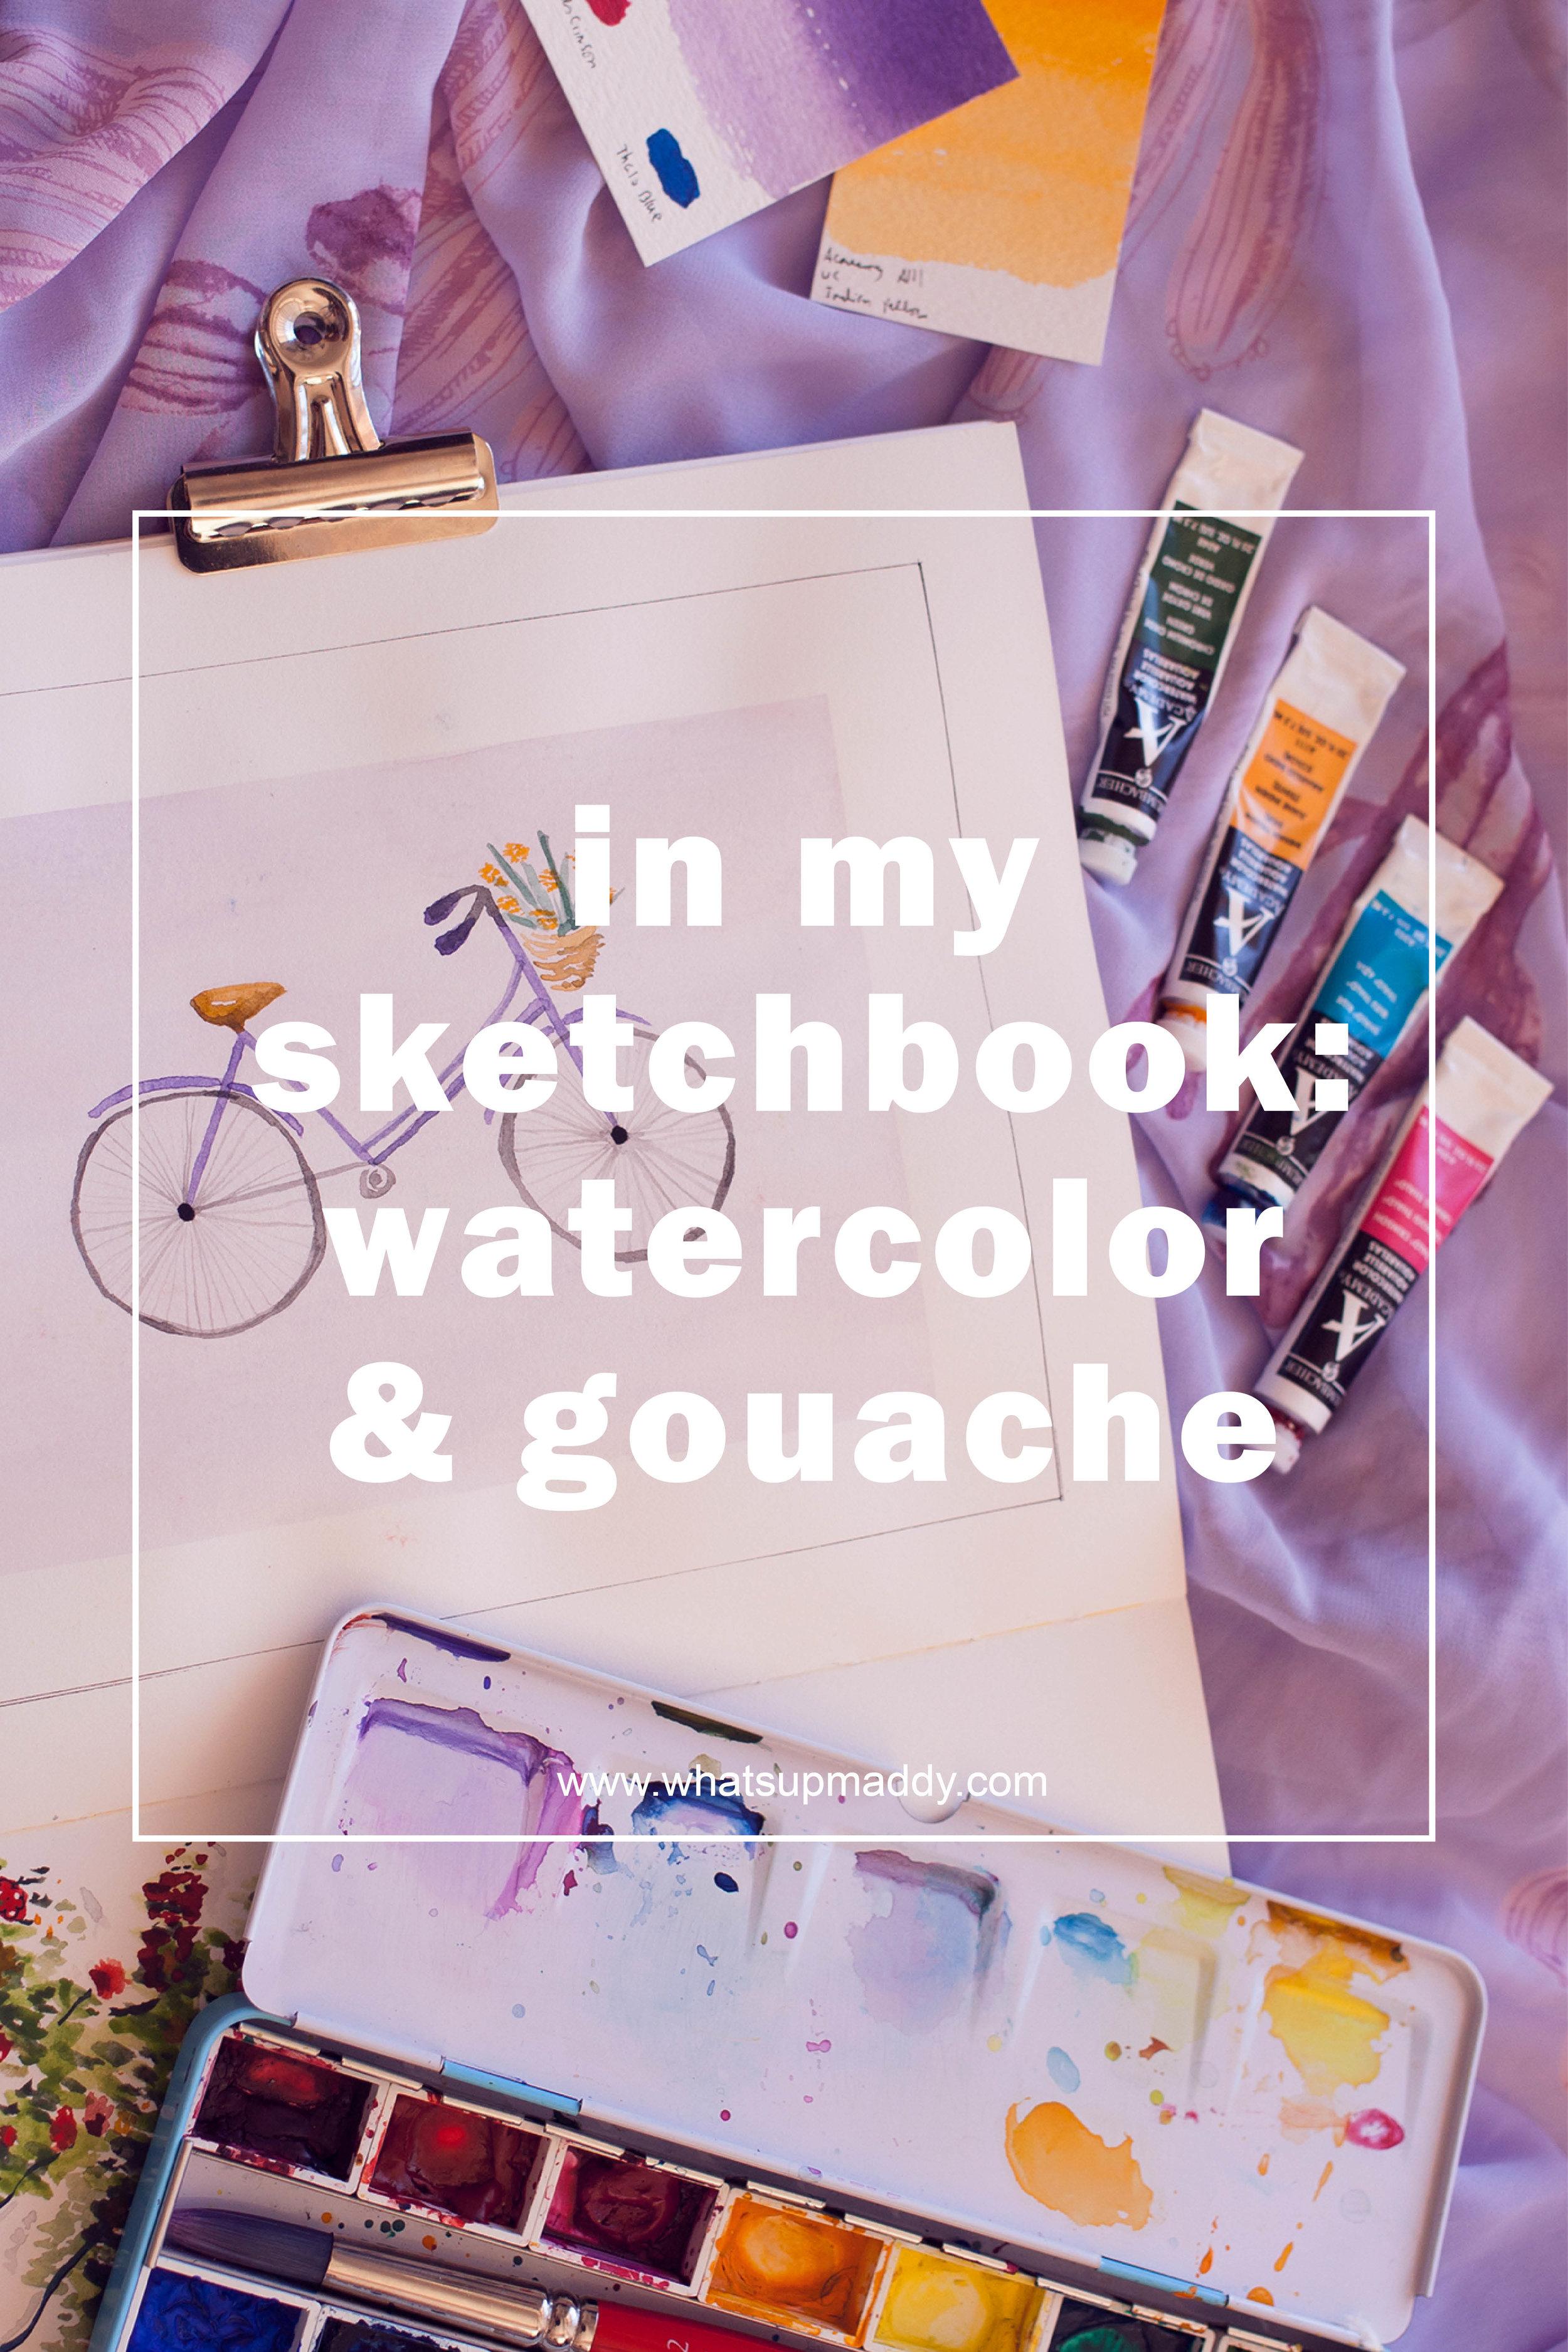 inmysketchbook_watercolor n gouache1.jpg